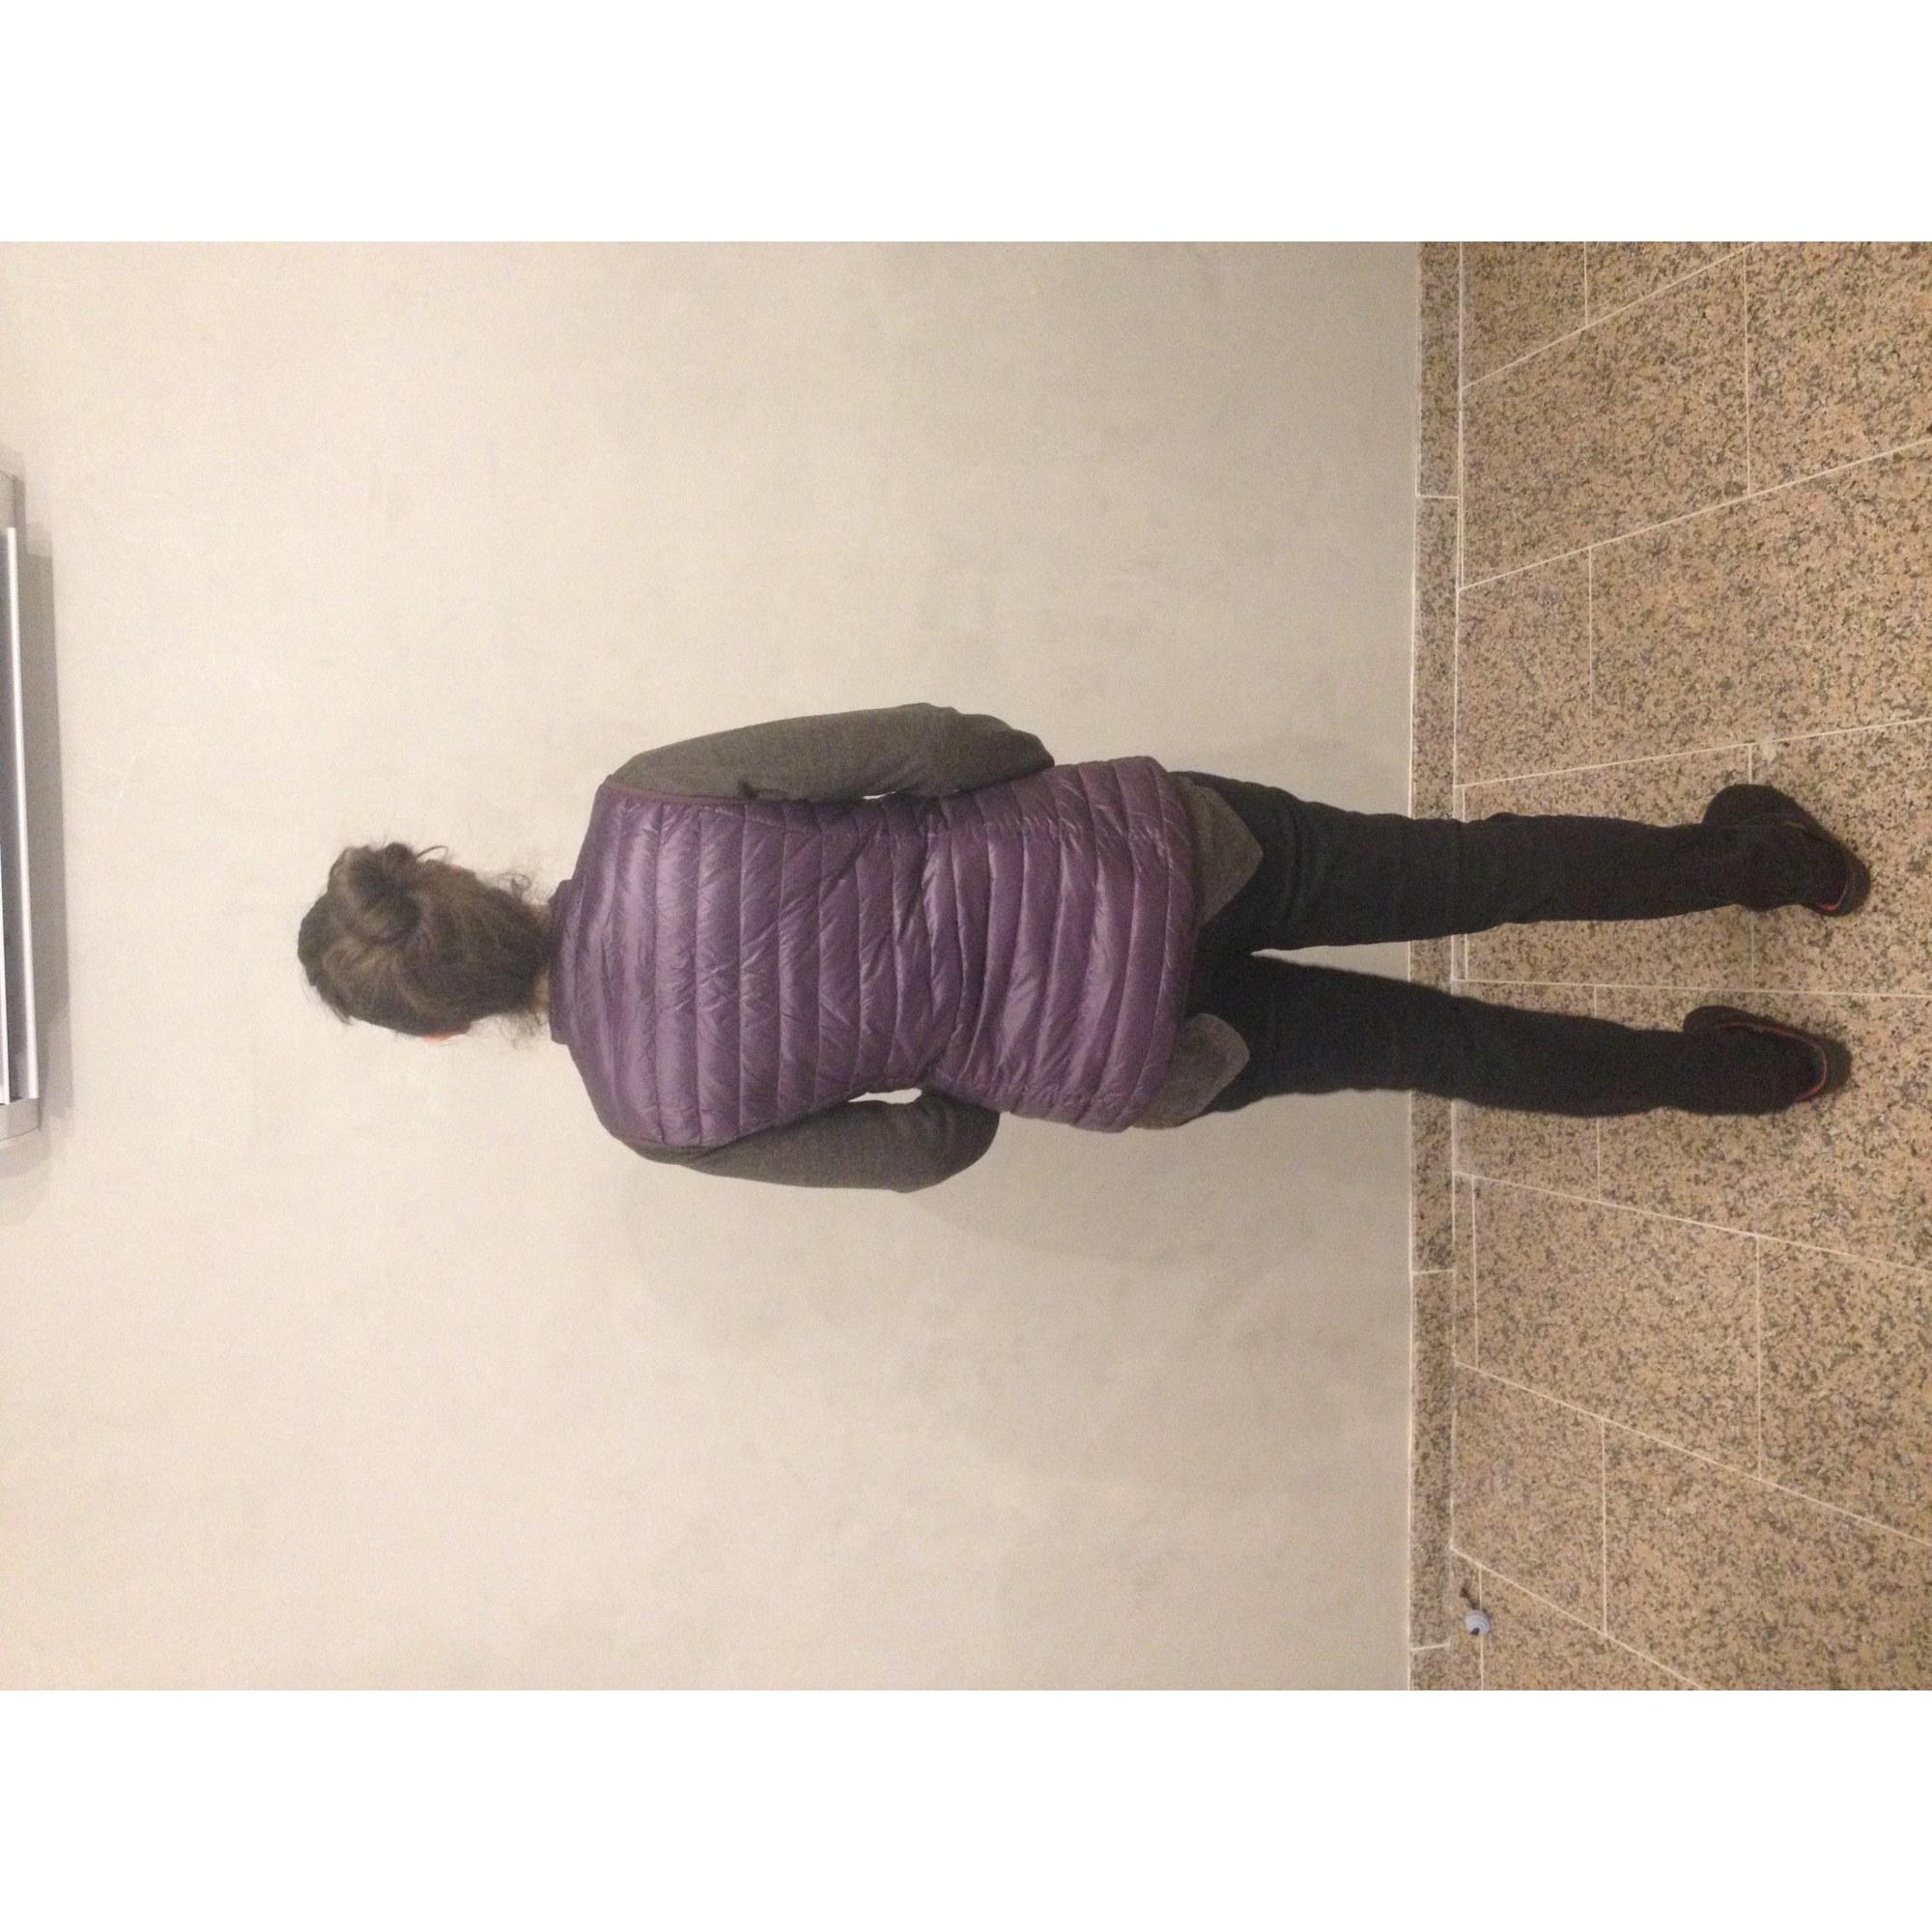 5686721 40 Doudoune Violet T3 Lhotse l XxBZq